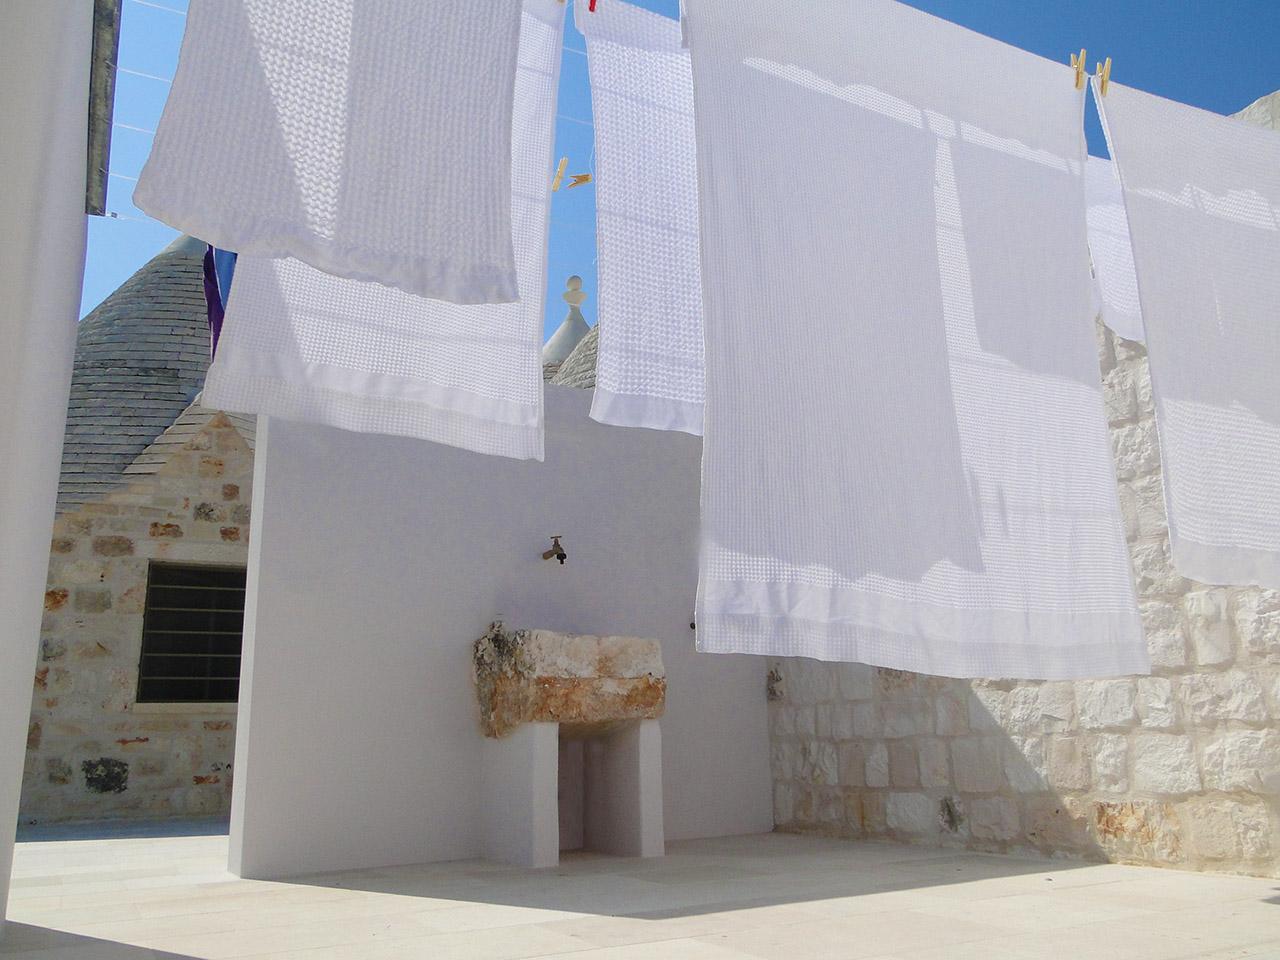 costruzioni restauri sirio ostuni nuova residenza privata ristrutturazione giovanni fasano ostuni dsc01585